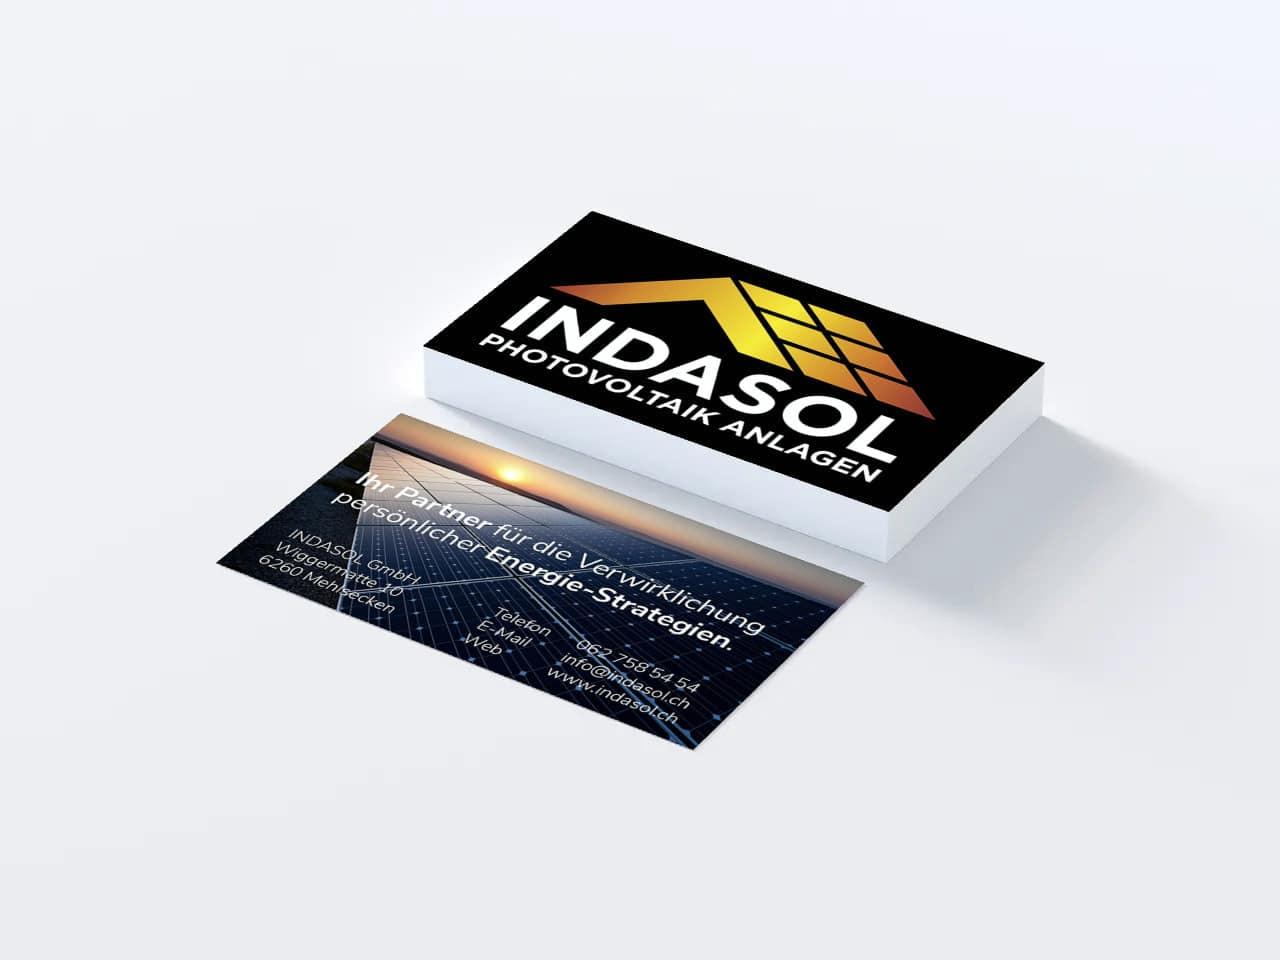 Indasol Photovoltaik Anlagen